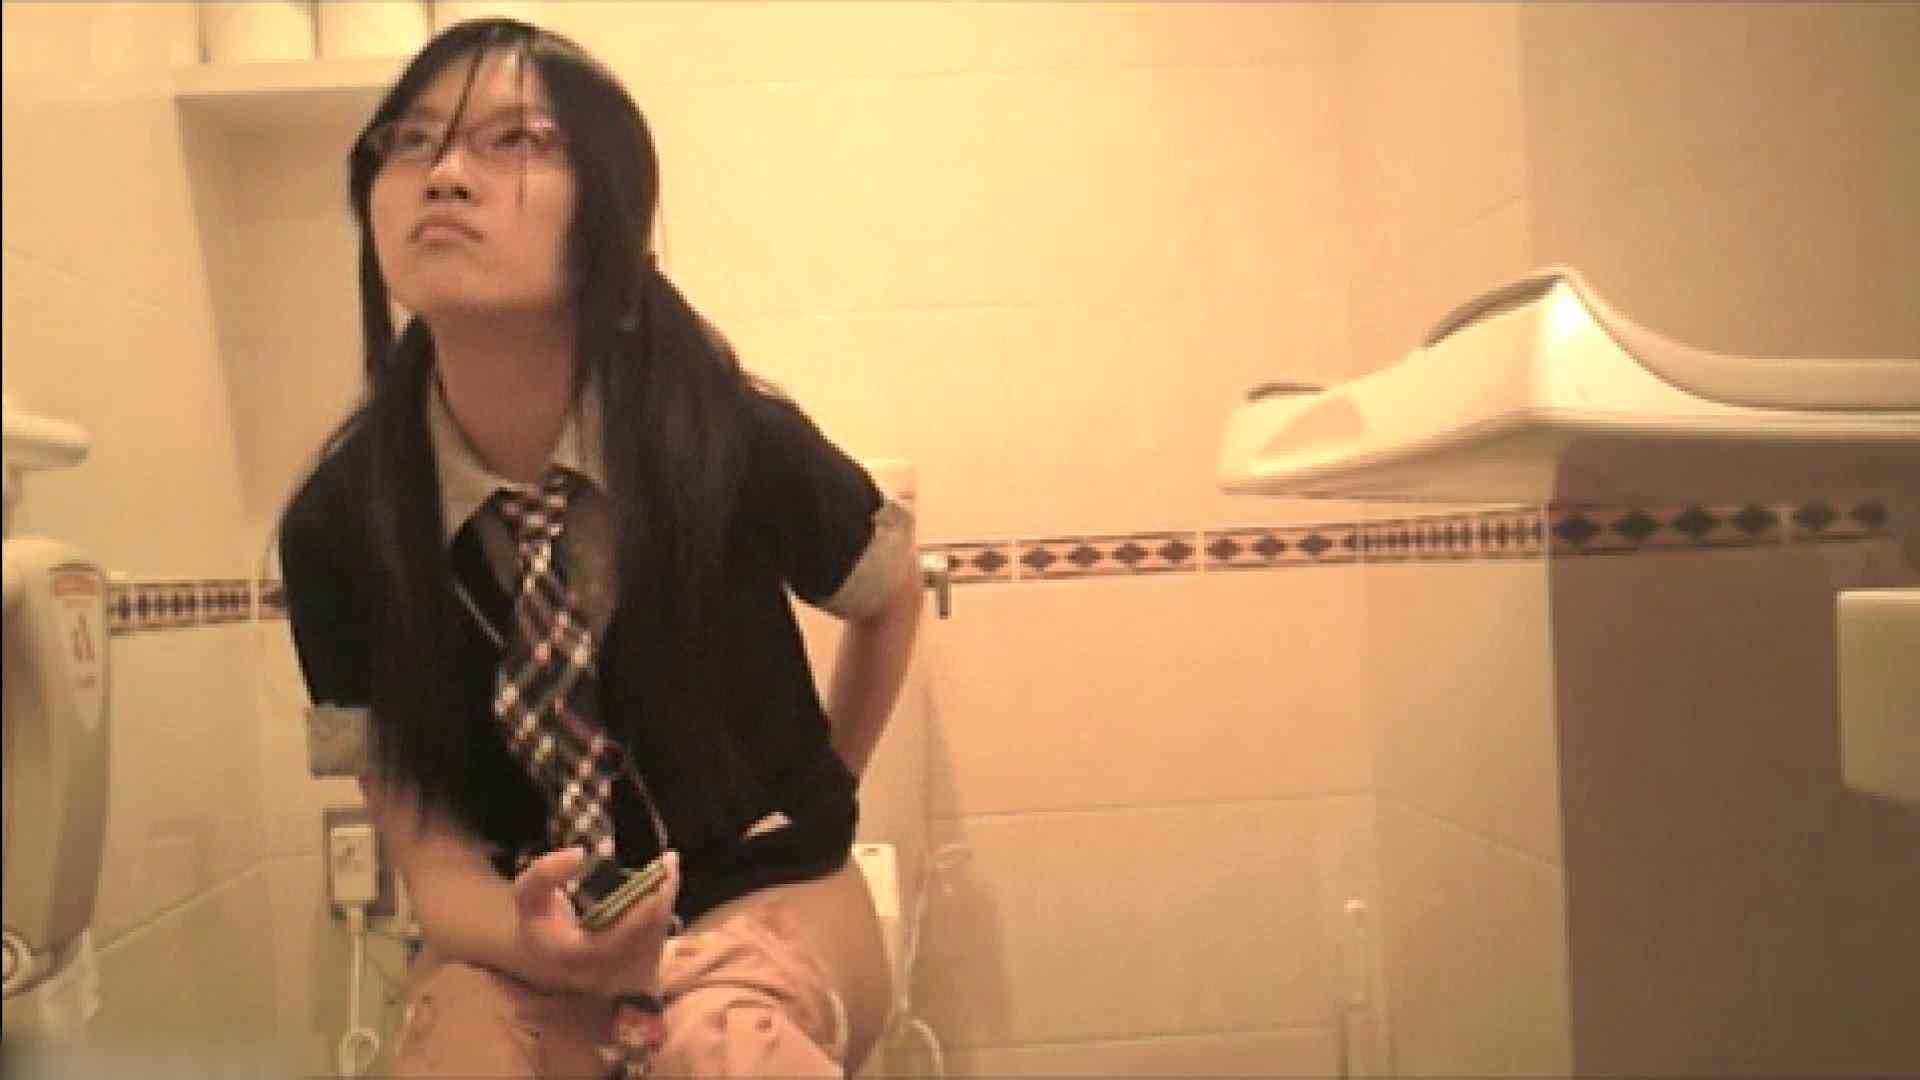 実録!!綺麗なお姉さんのトイレ事情・・・。vol.19 独身エッチOL   お姉さんの女体  22pic 7